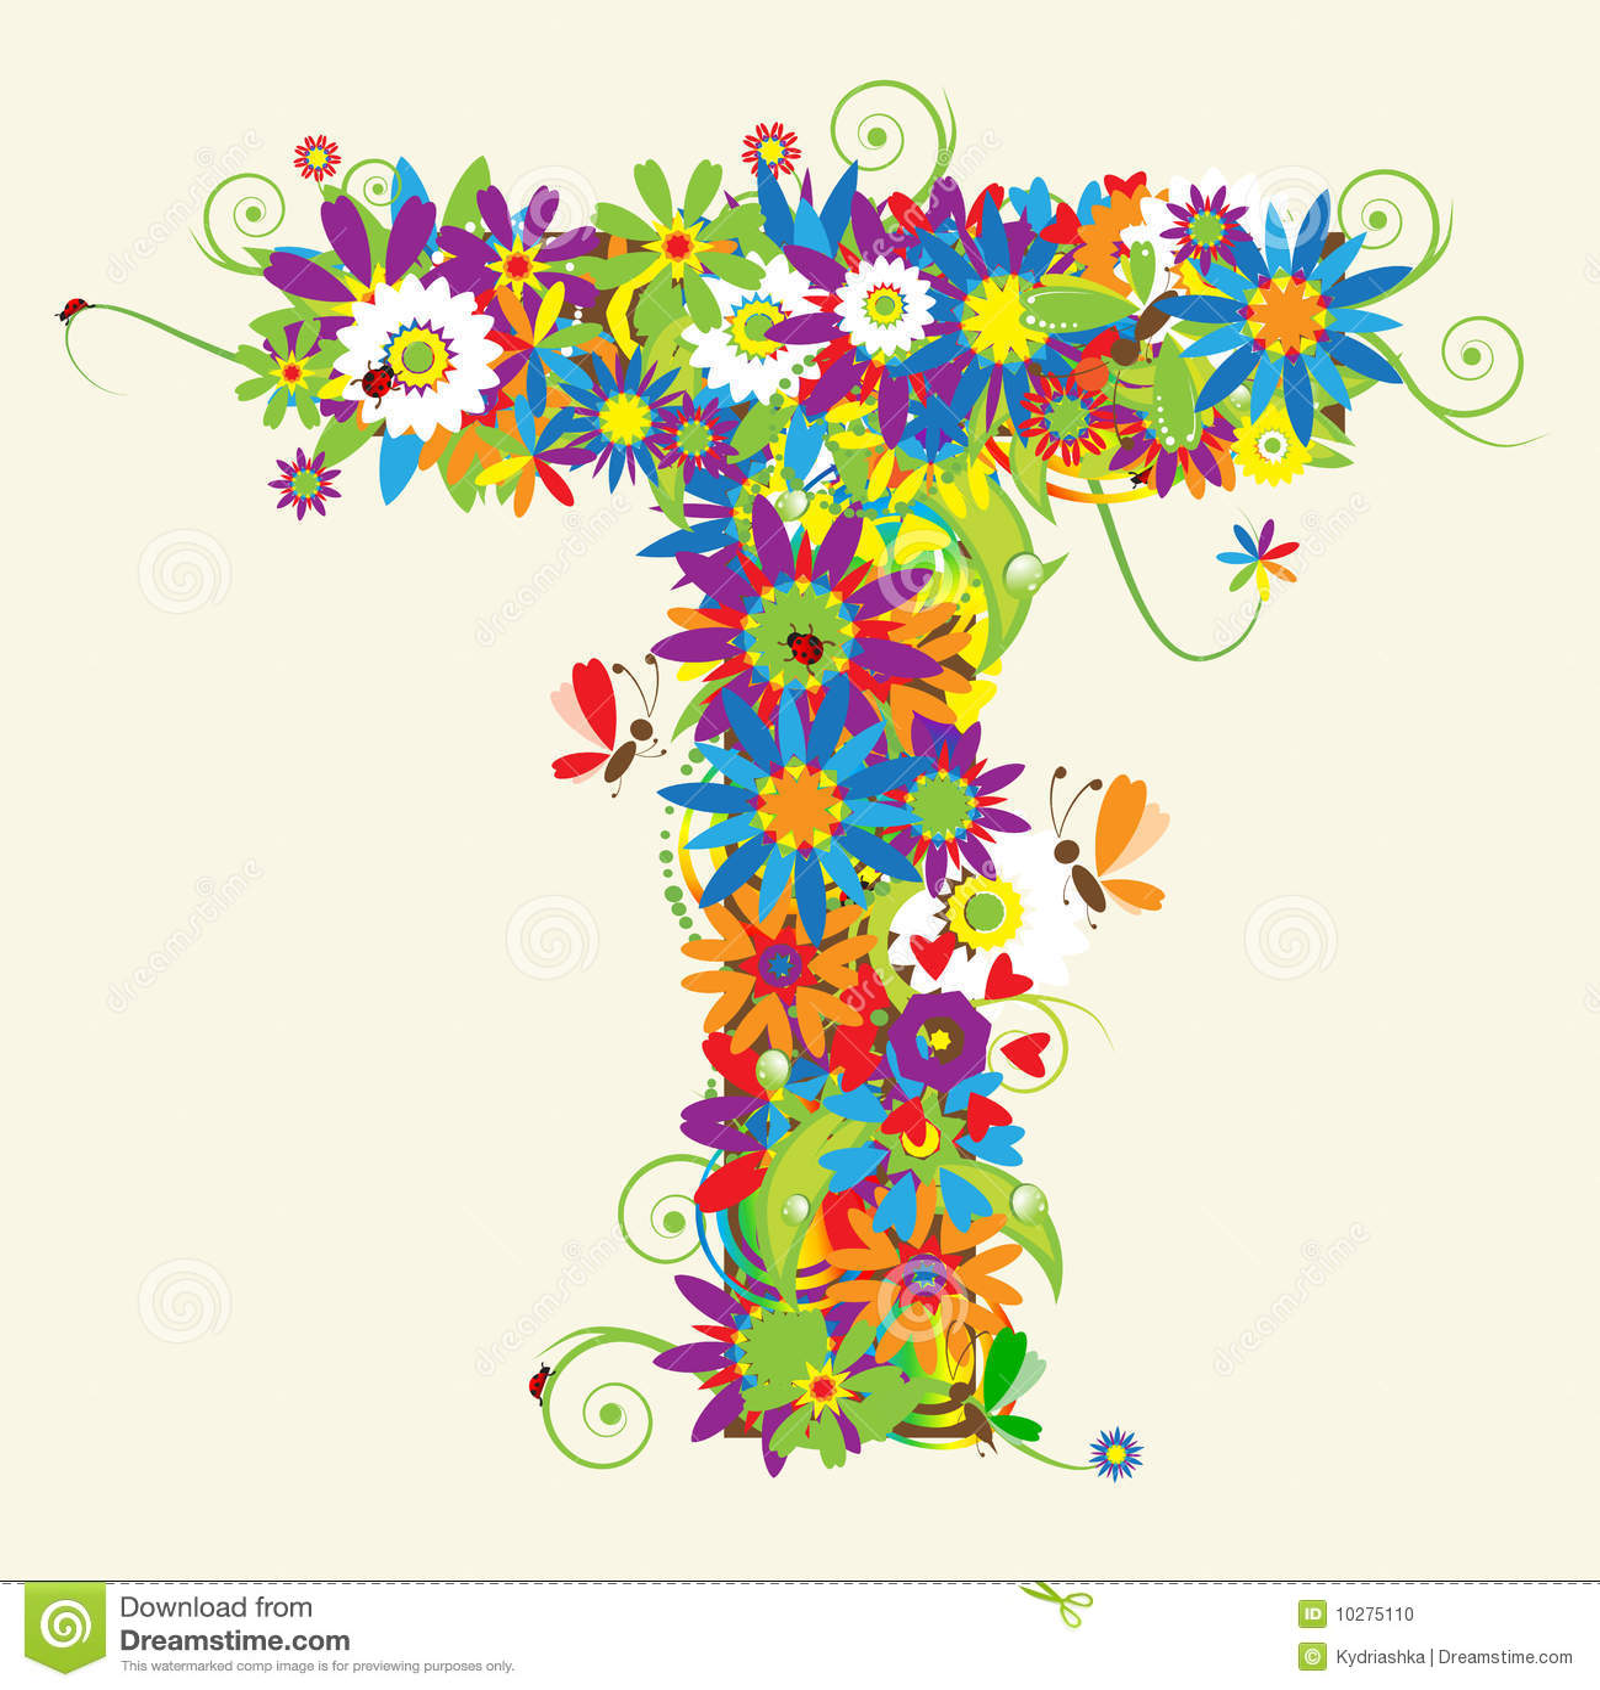 Diseño Del Rainbow Warrior Iii: Letra T, Diseño Floral Ilustración Del Vector. Ilustración